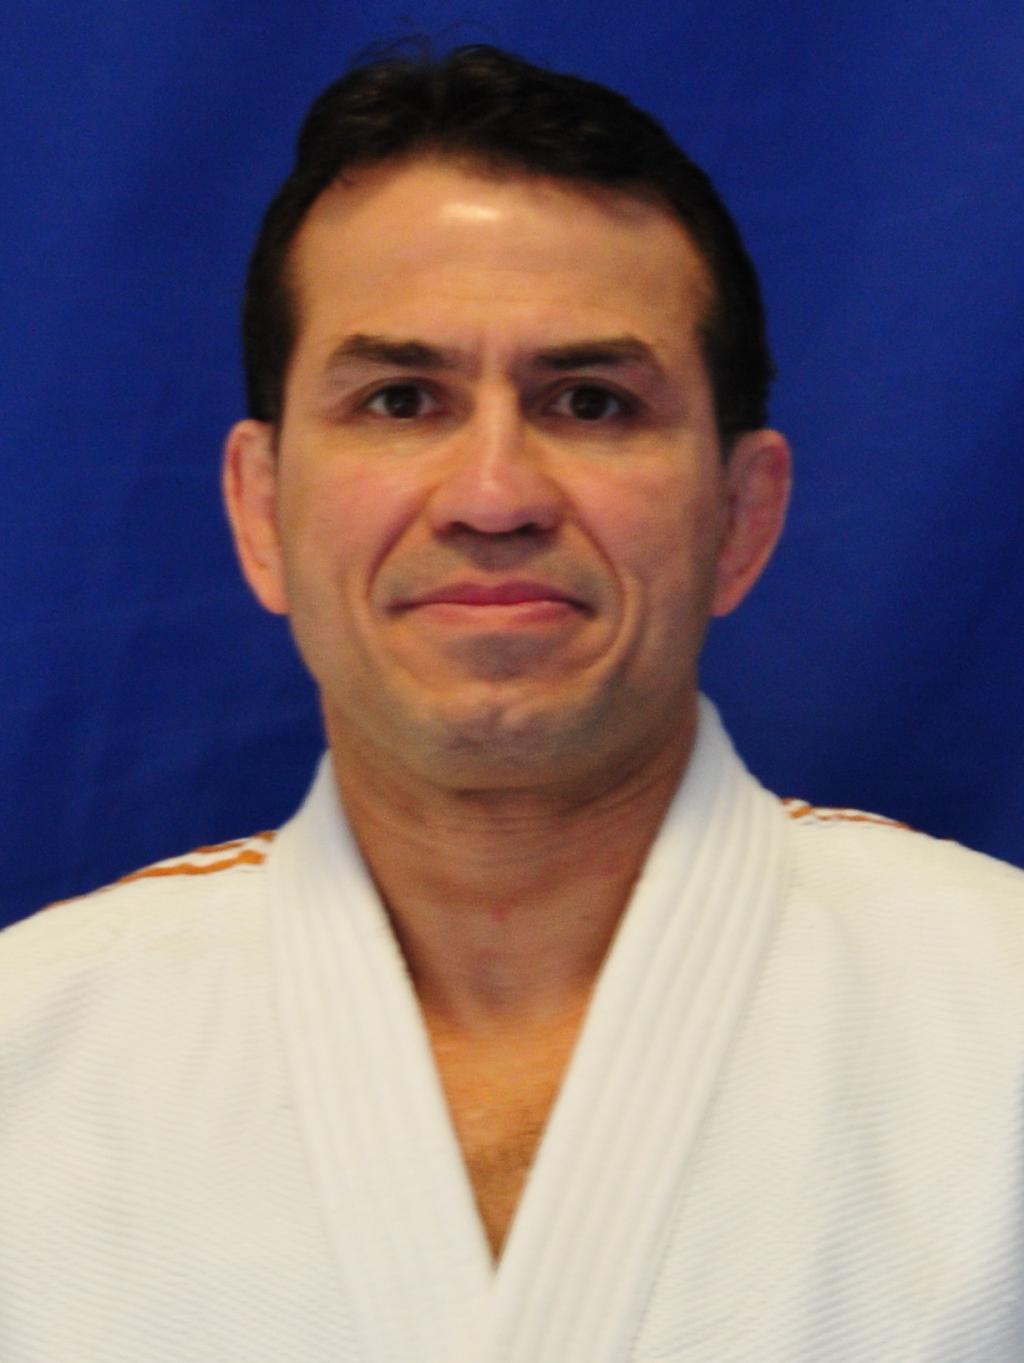 Sérgio Oliveira to join EJU Expert team